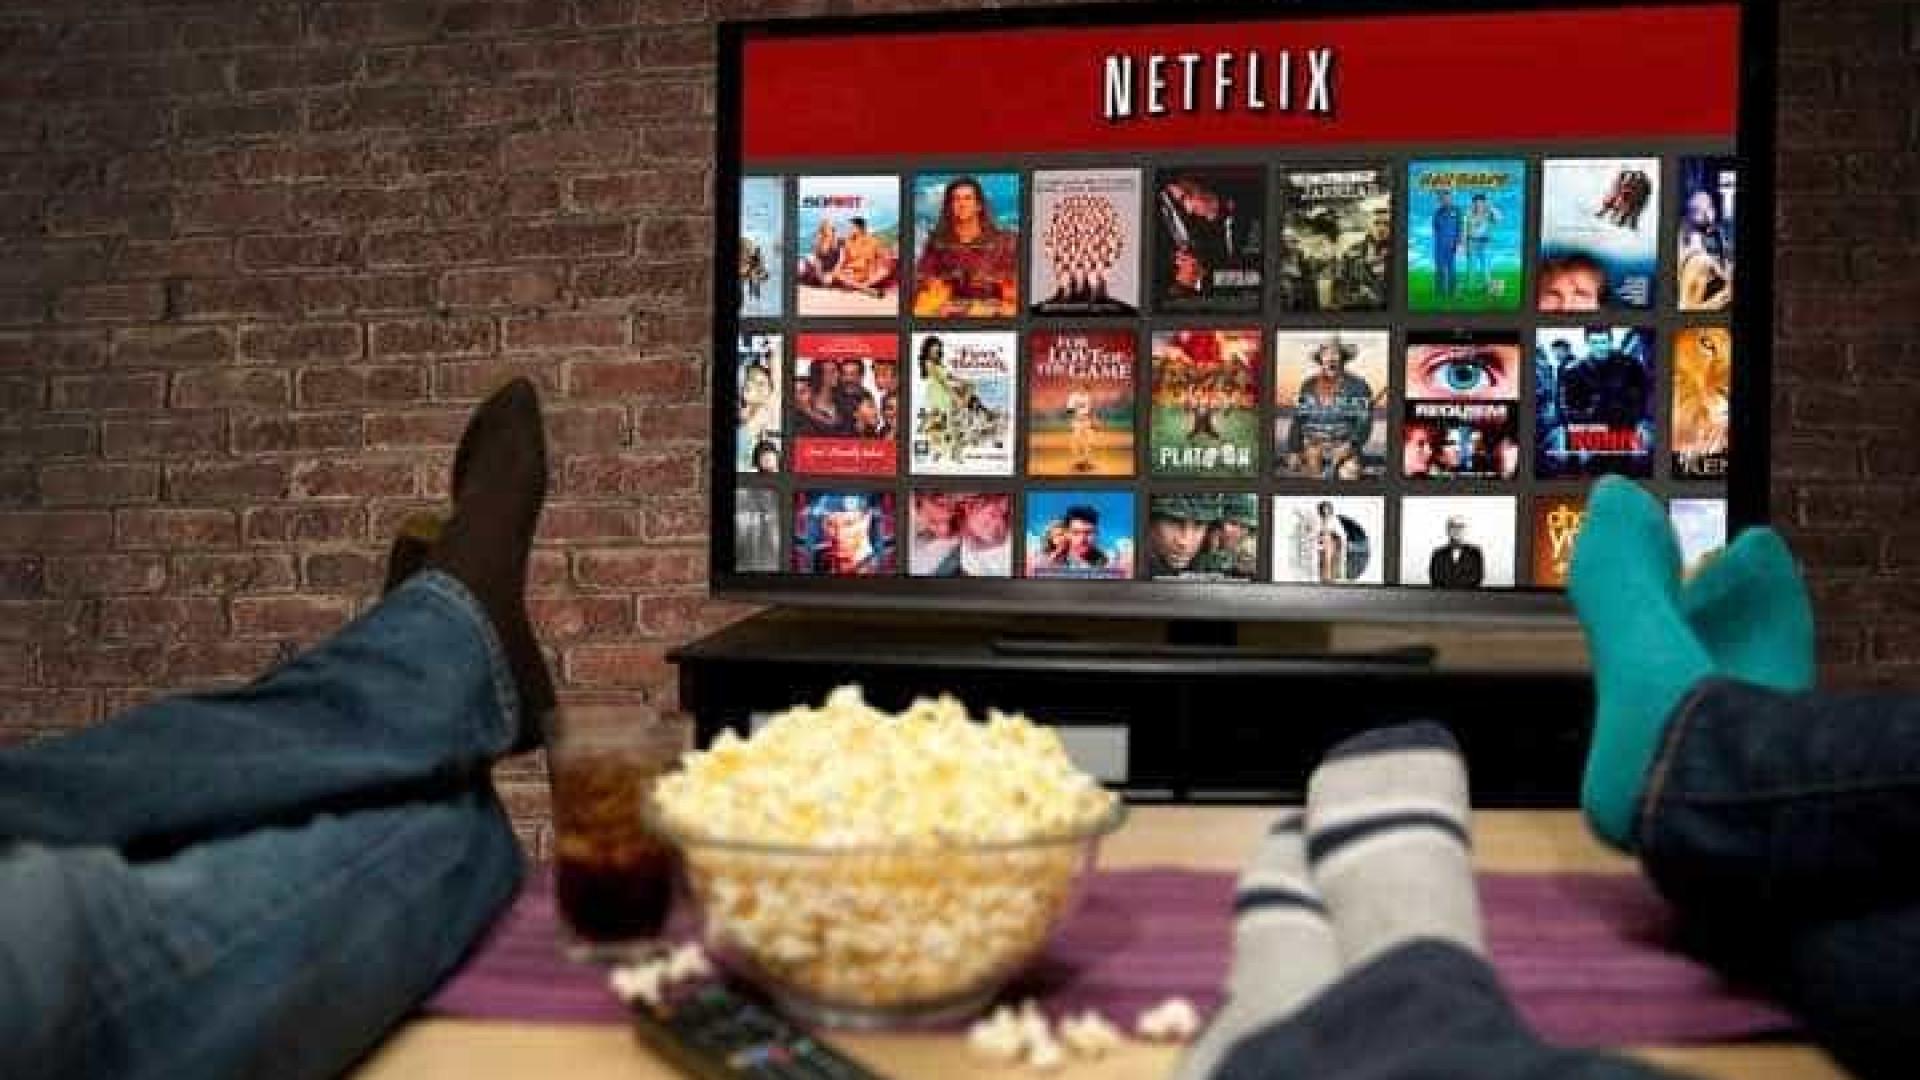 Netflix deseja vender produtos de suas séries e filmes de sucesso